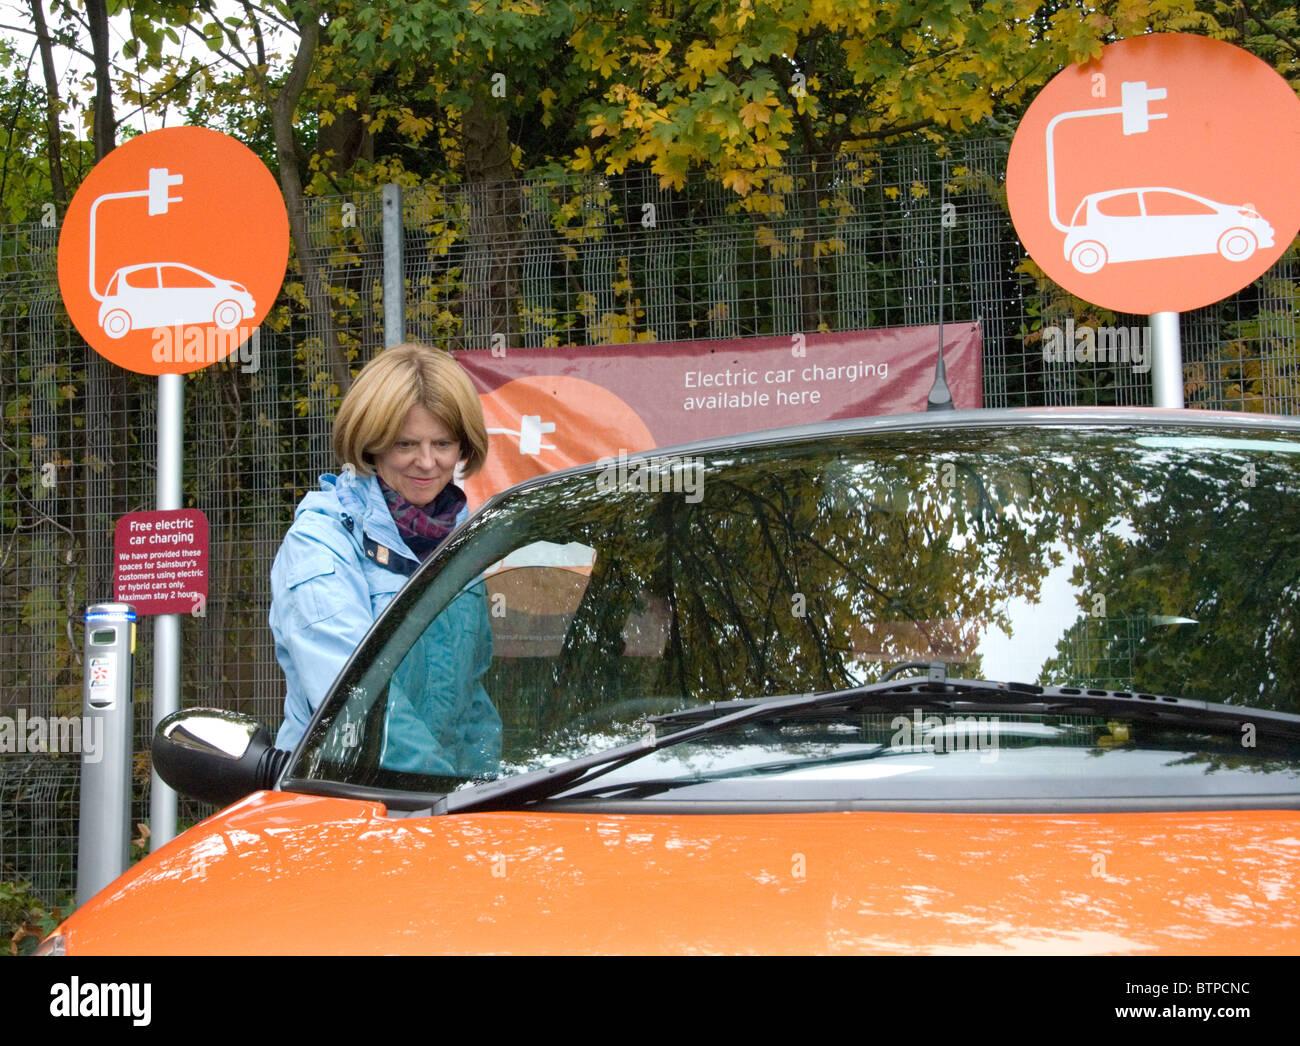 Mujer llegar en coche eléctrico alquilados a GoGo automóviles eléctricos EV gratis punto de carga Imagen De Stock